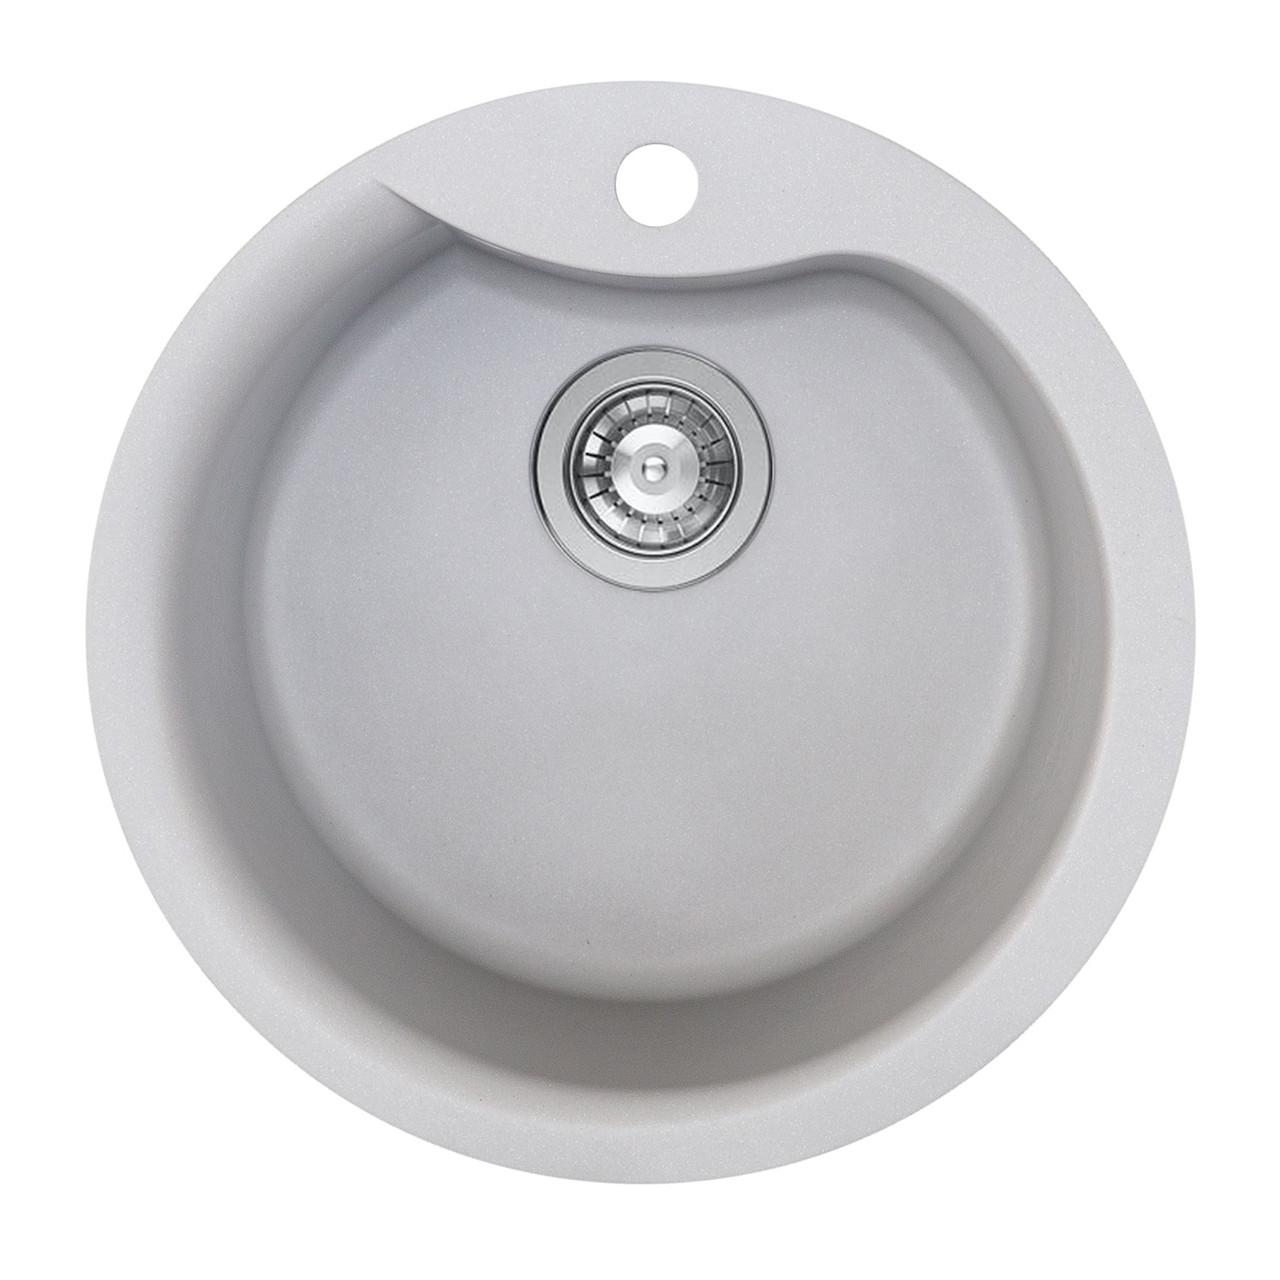 Гранітна мийка для кухні Platinum 480 TURAS матовий Сірий мусон